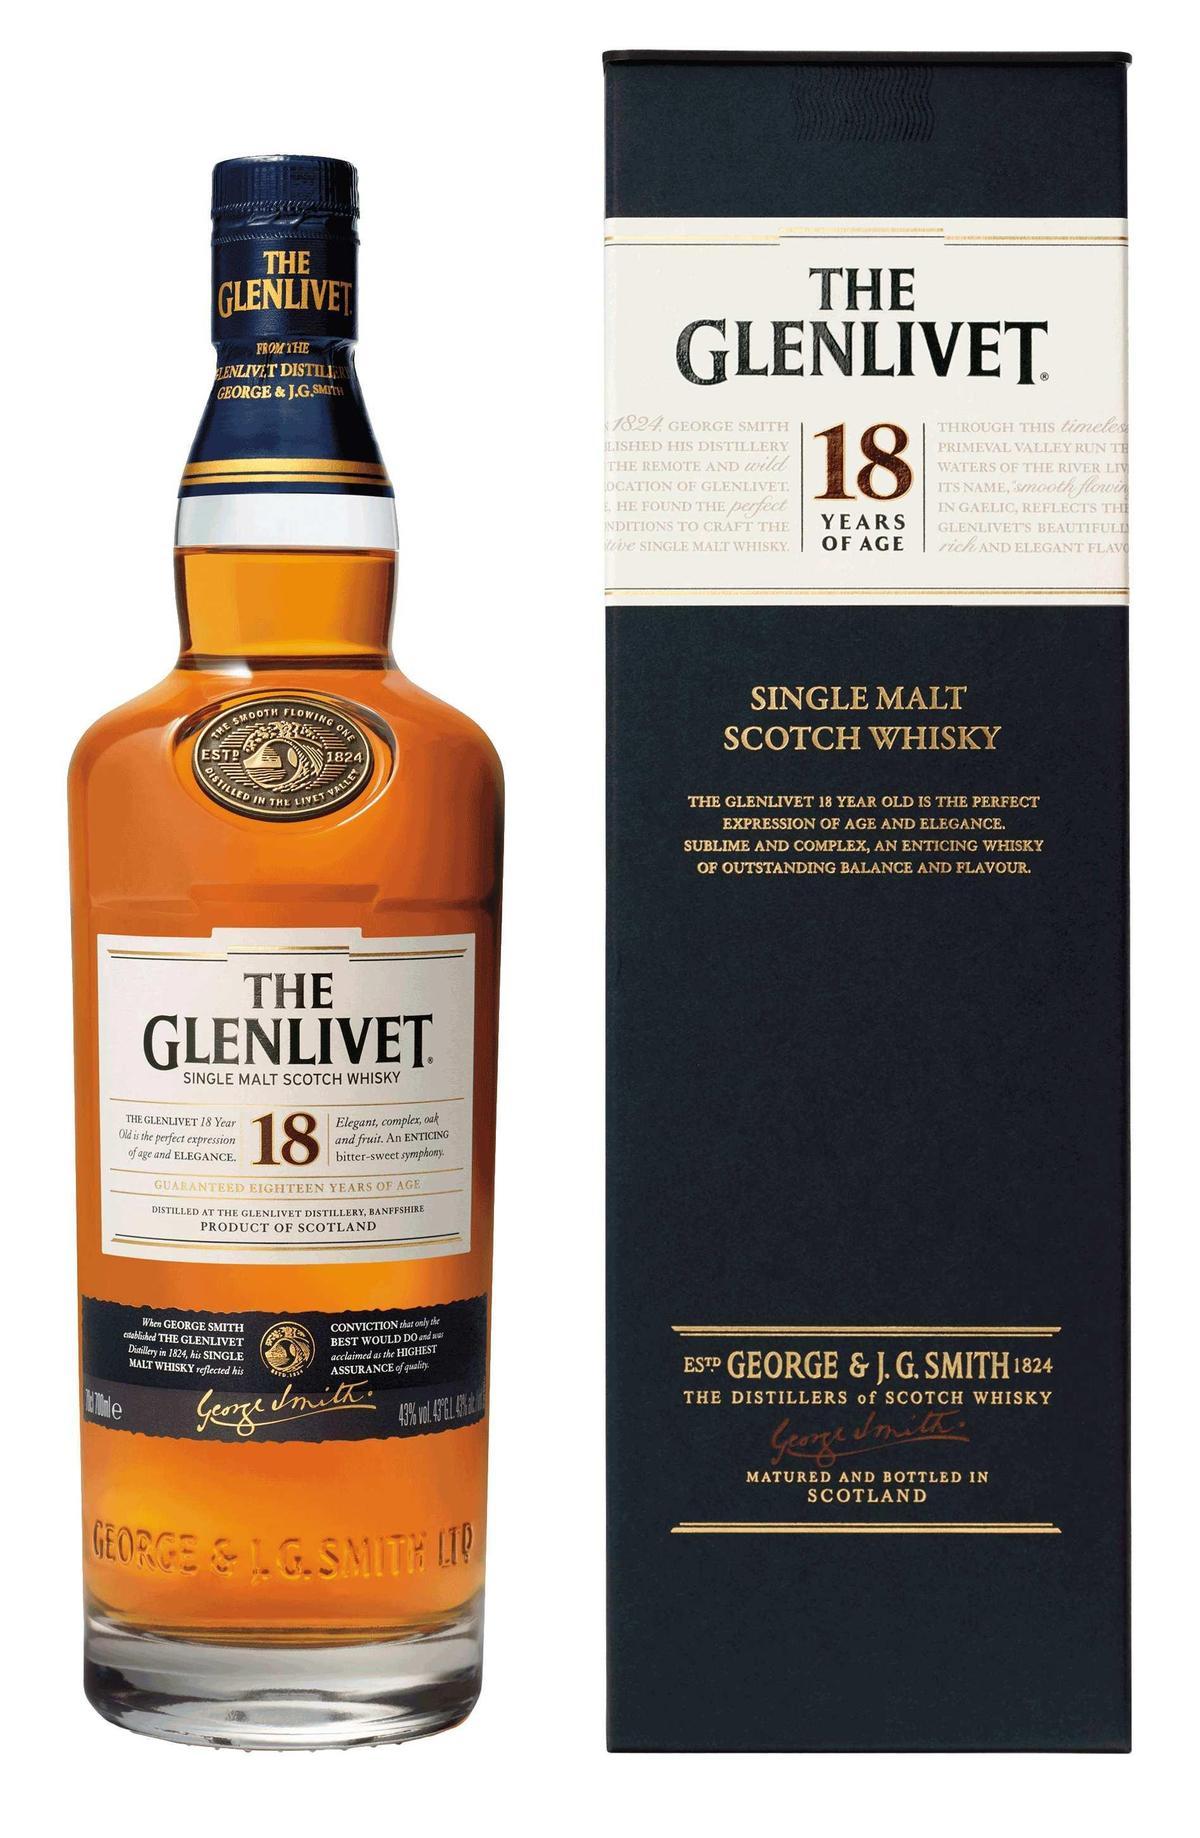 格蘭利威18年,表現全面、酒體均衡的超級傑作。